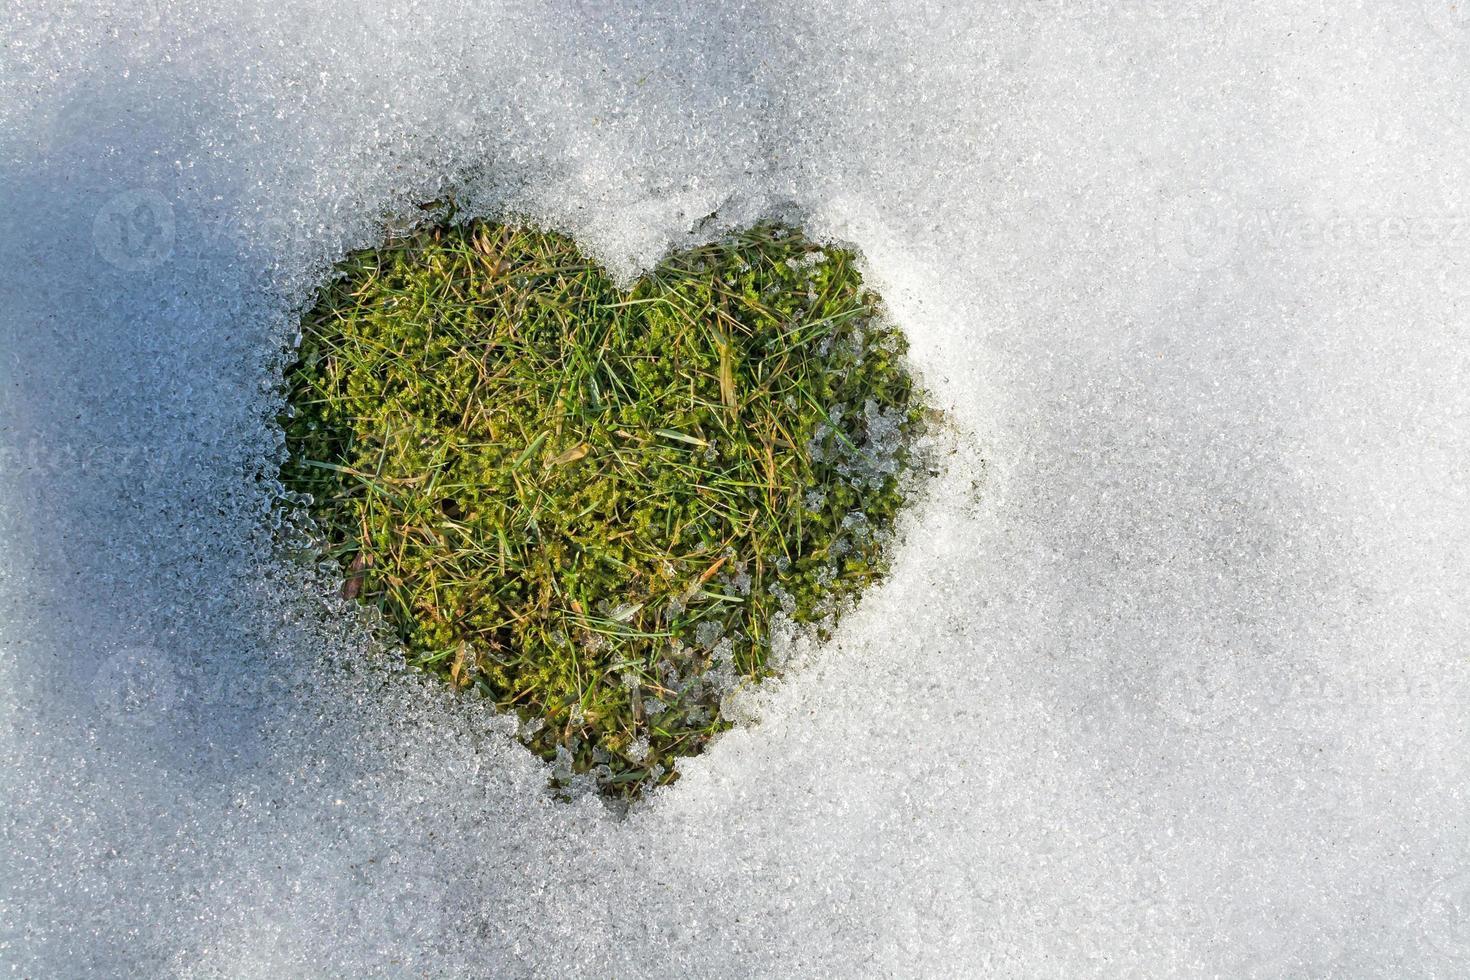 sneeuw smelten in de vorm van een hart foto